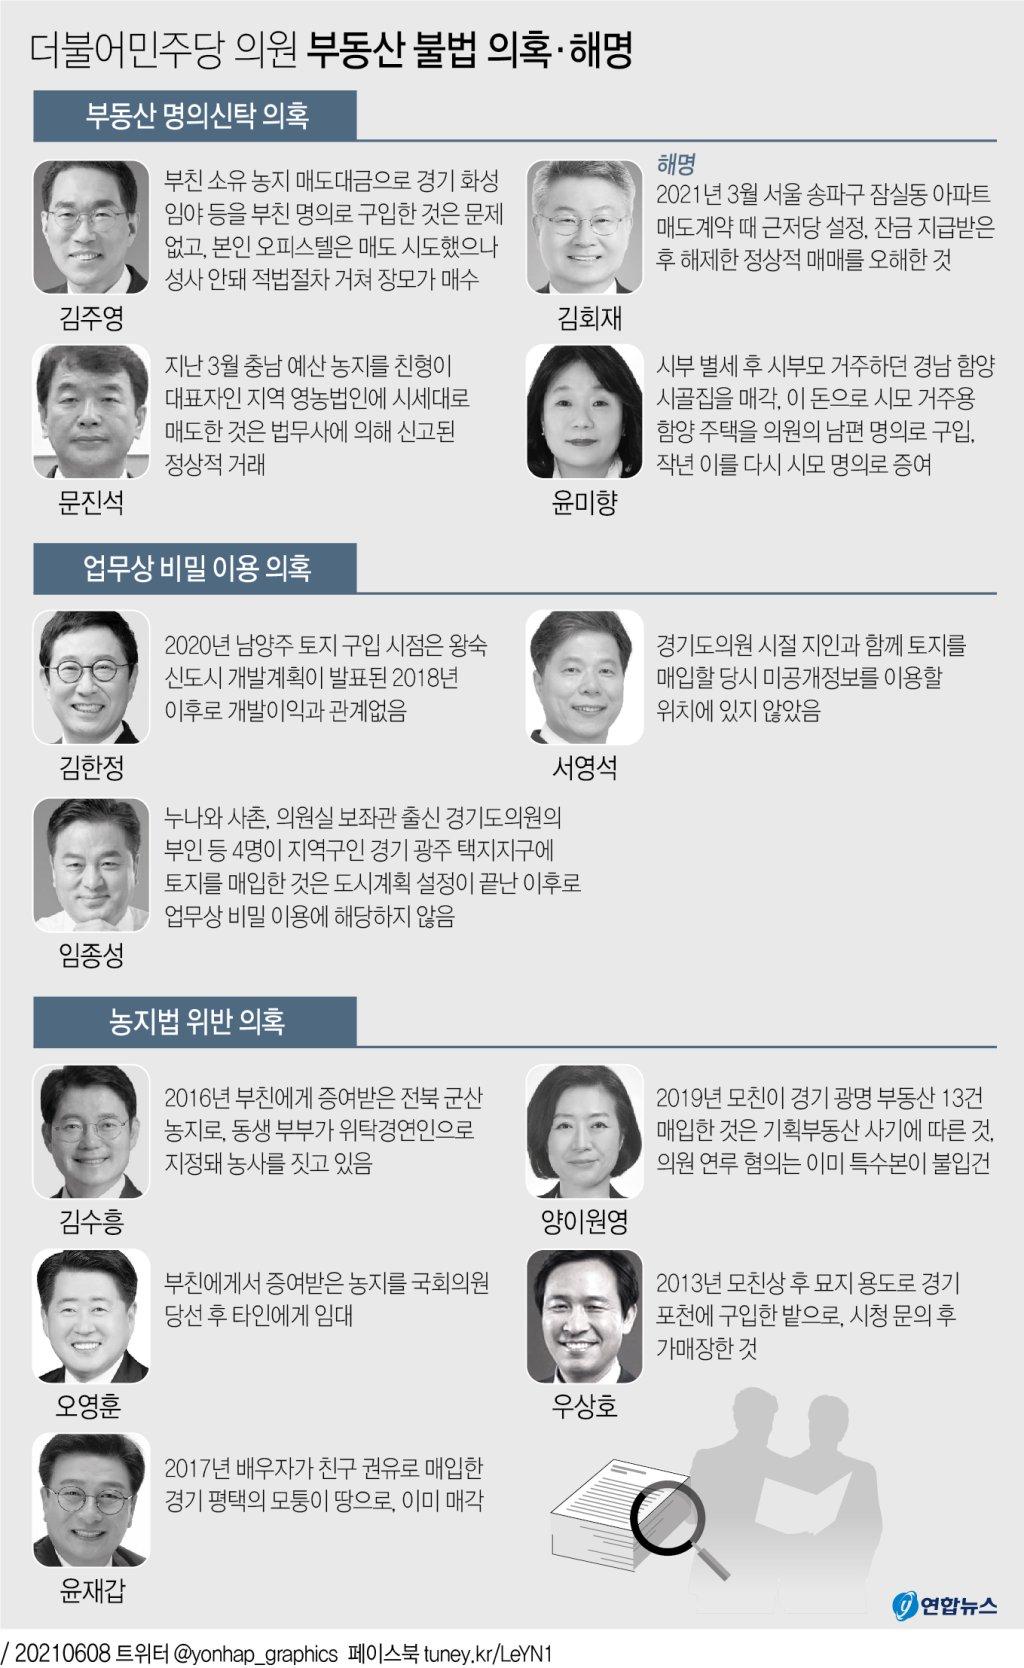 [그래픽] 더불어민주당 의원 부동산 불법 의혹·해명(종합2)